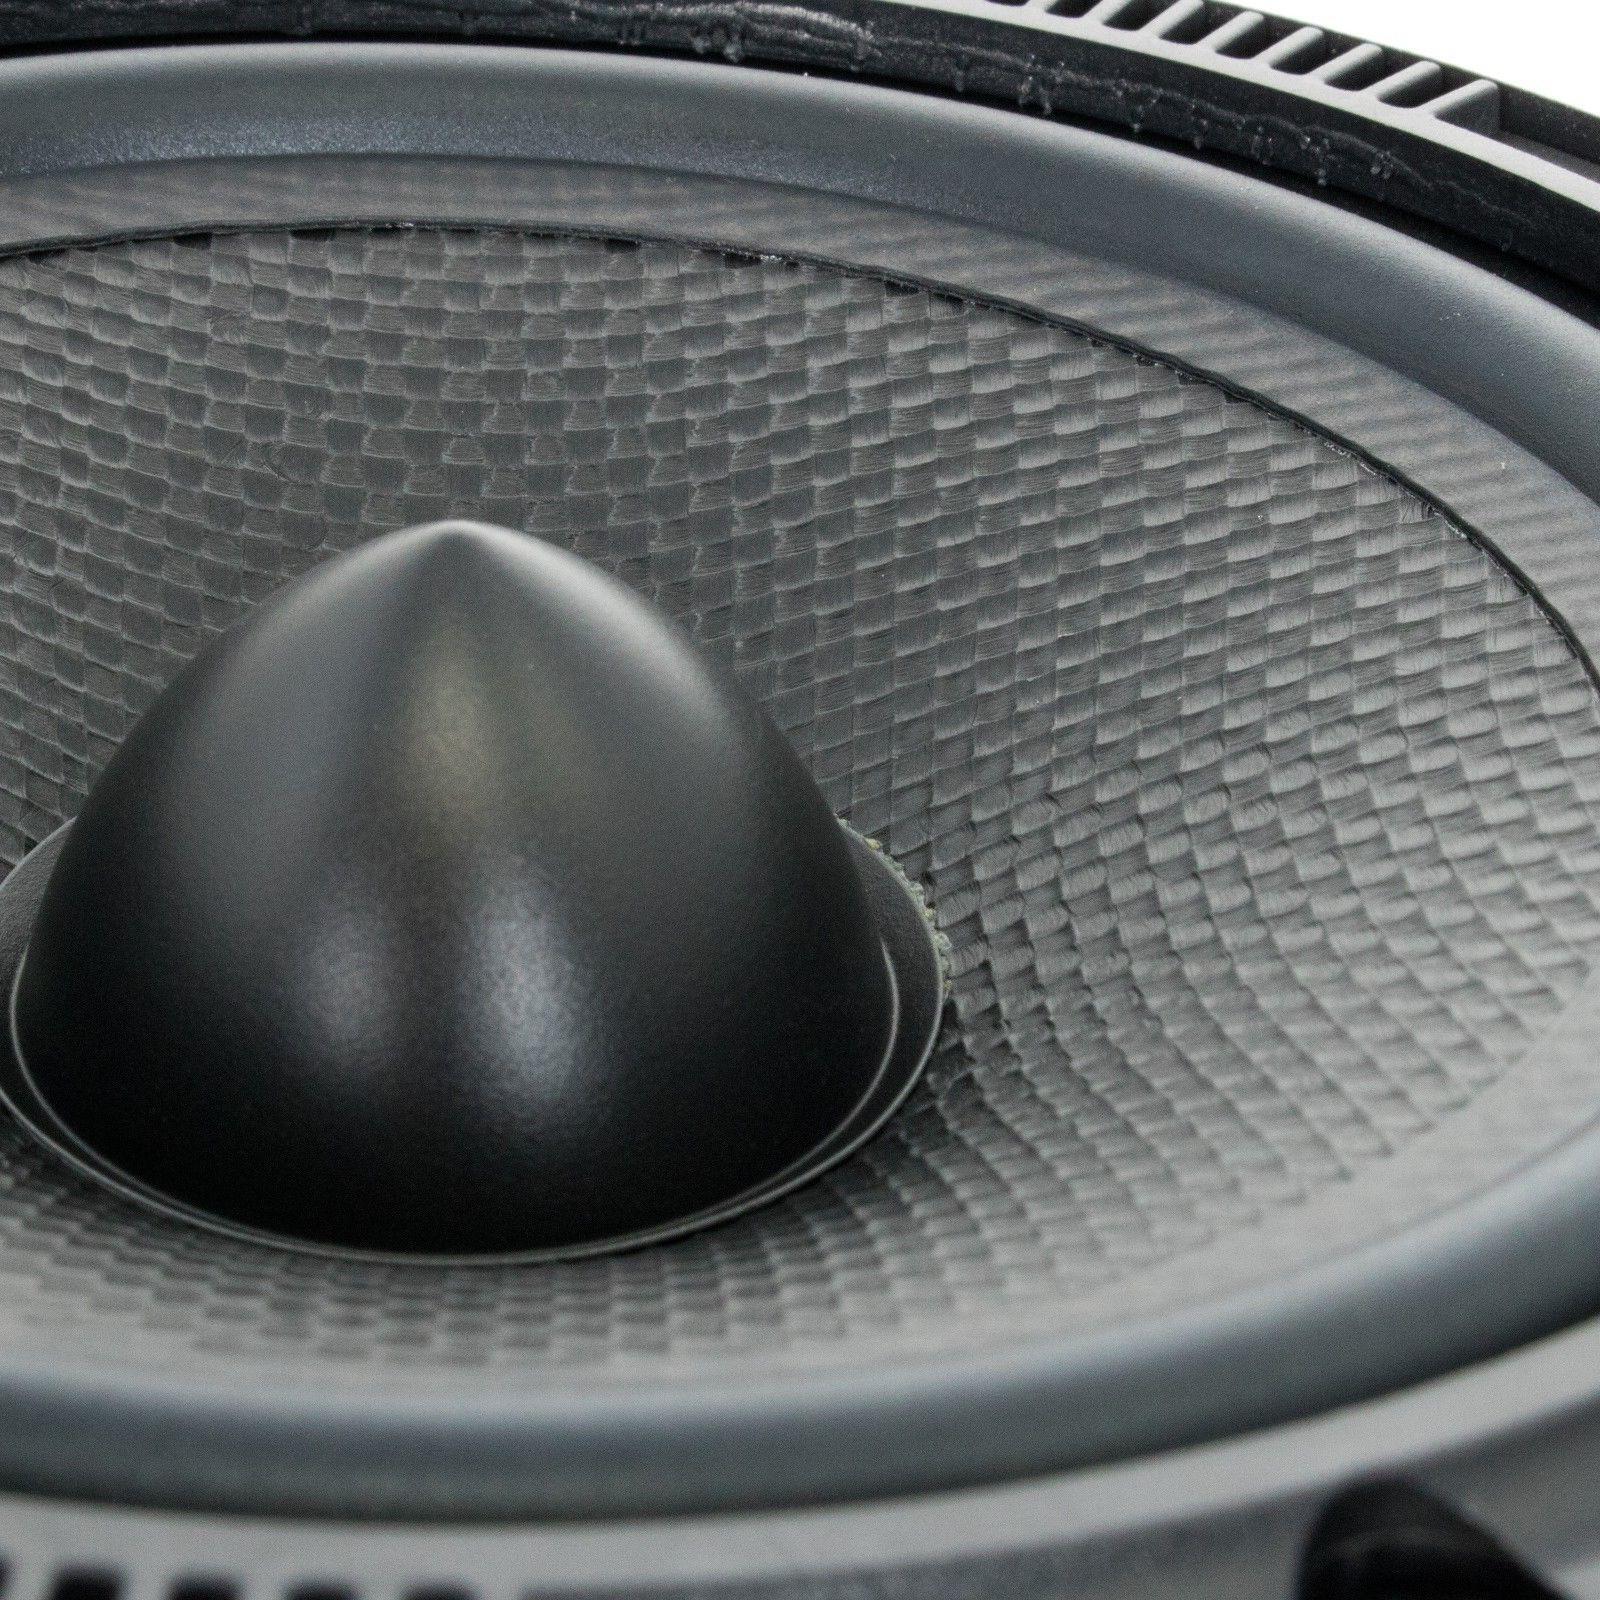 New Gravity 600C 2-Way Audio Speakers